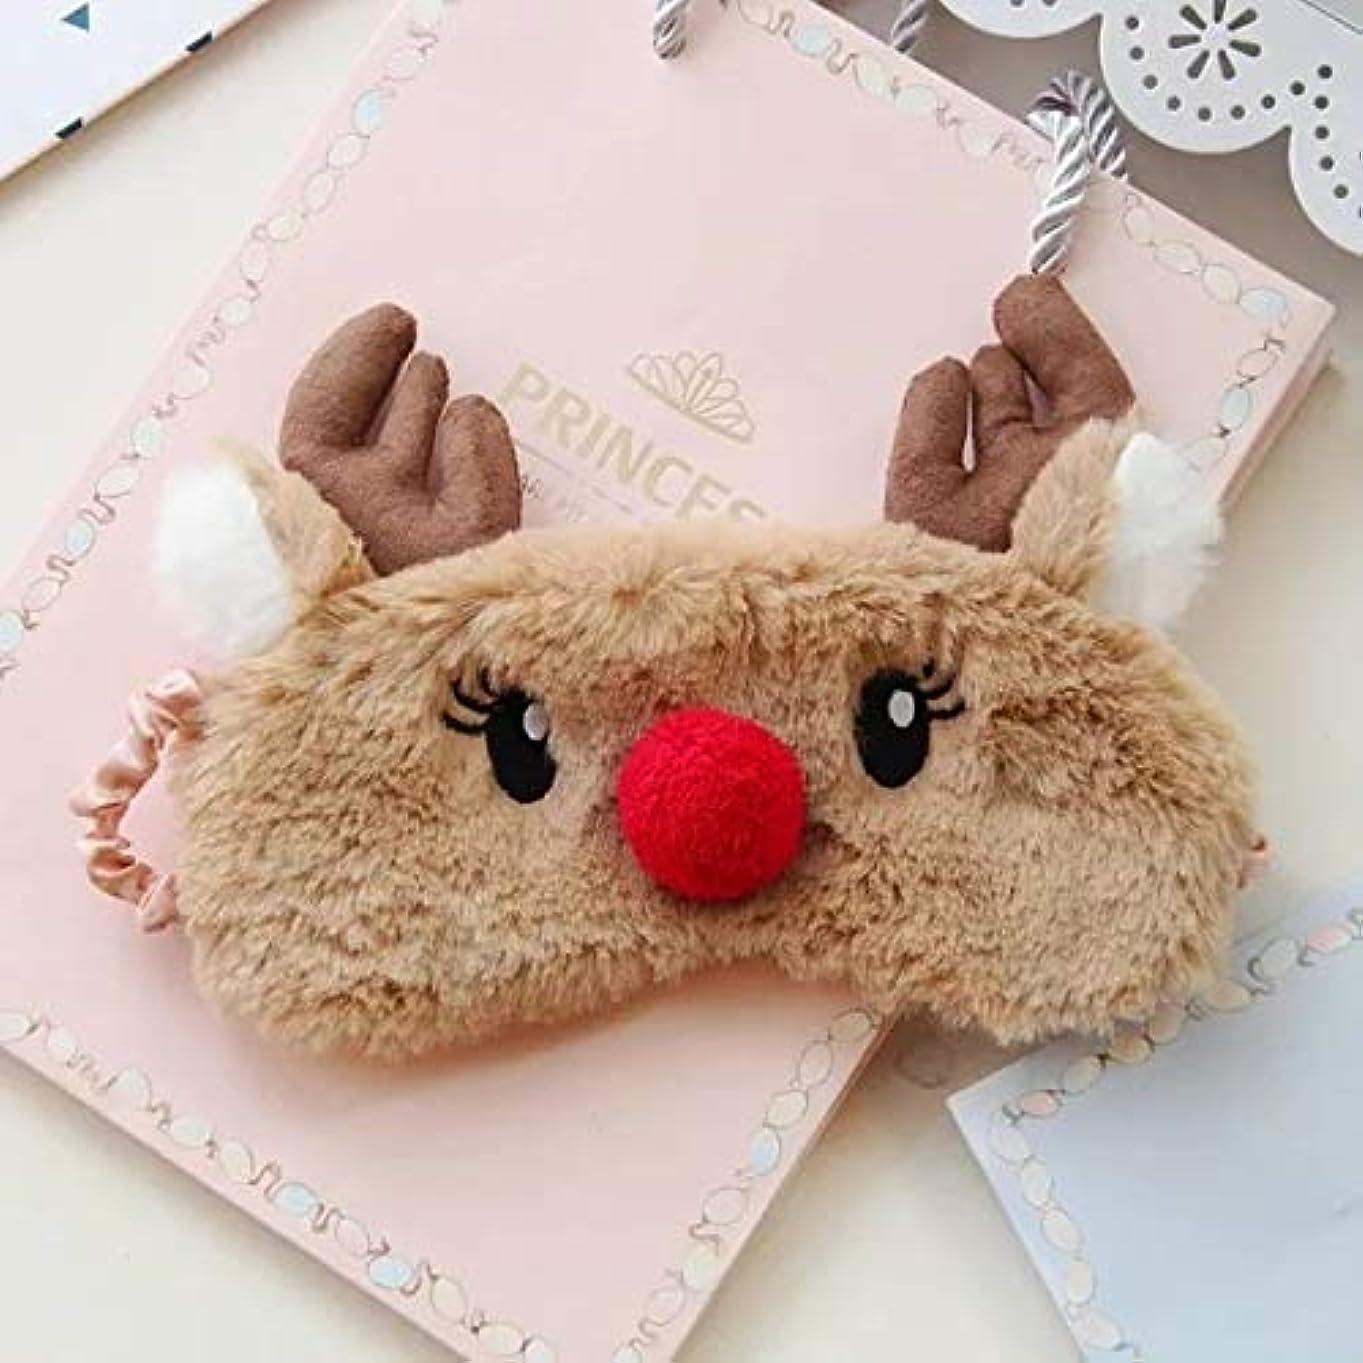 振るう修士号降下NOTE ぬいぐるみアニマルアイカバースリーピングマスクアイパッチ包帯目隠しクリスマス鹿冬漫画ナップアイシェードぬいぐるみスリーピングマスク